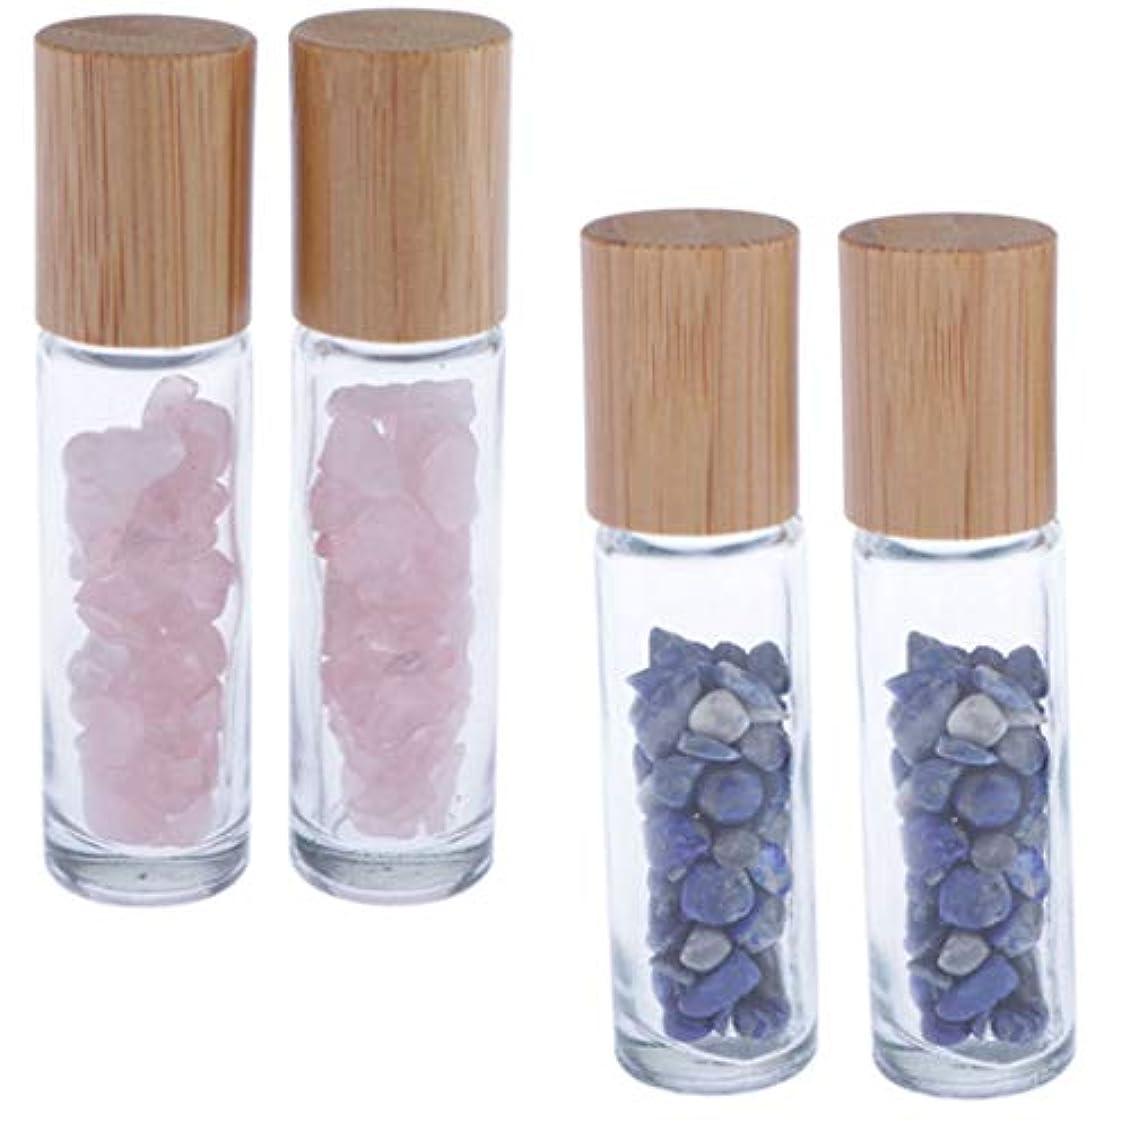 好意無心ゴルフHellery 香水 ロールオン アトマイザー 小分け ガラスボトル 詰め替え エッセンシャルオイルボトル